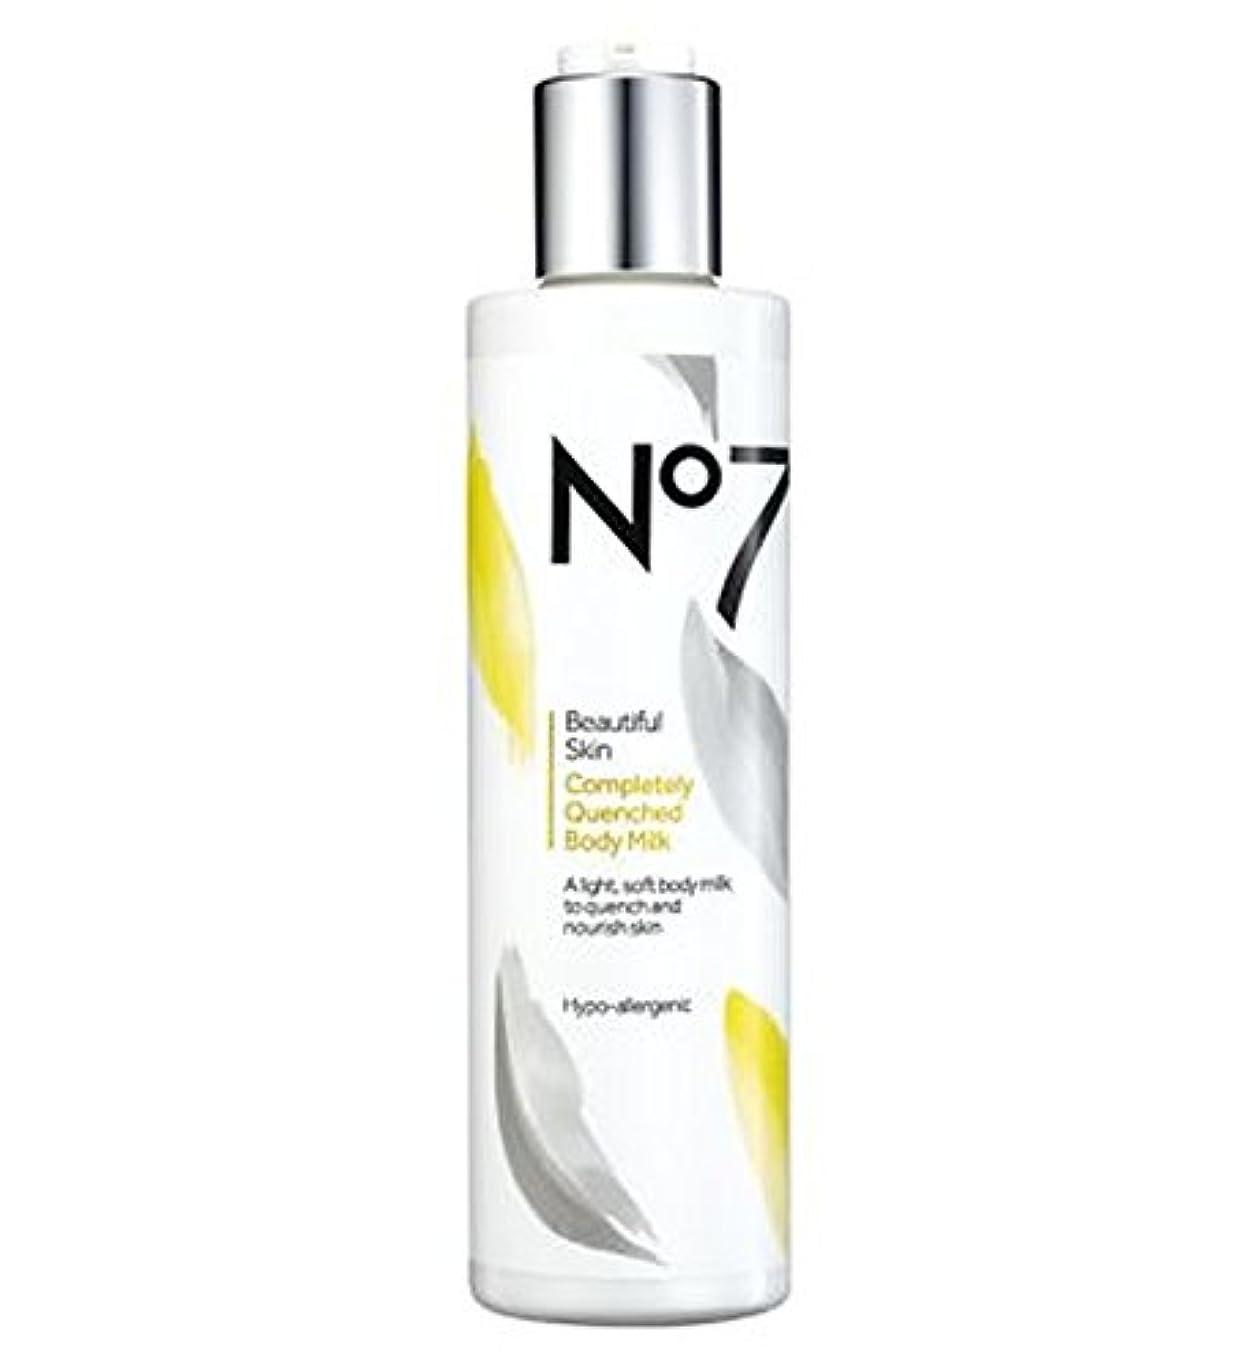 地域の保存するサロンNo7美しい肌完全に急冷ボディミルク (No7) (x2) - No7 Beautiful Skin Completely Quenched Body Milk (Pack of 2) [並行輸入品]